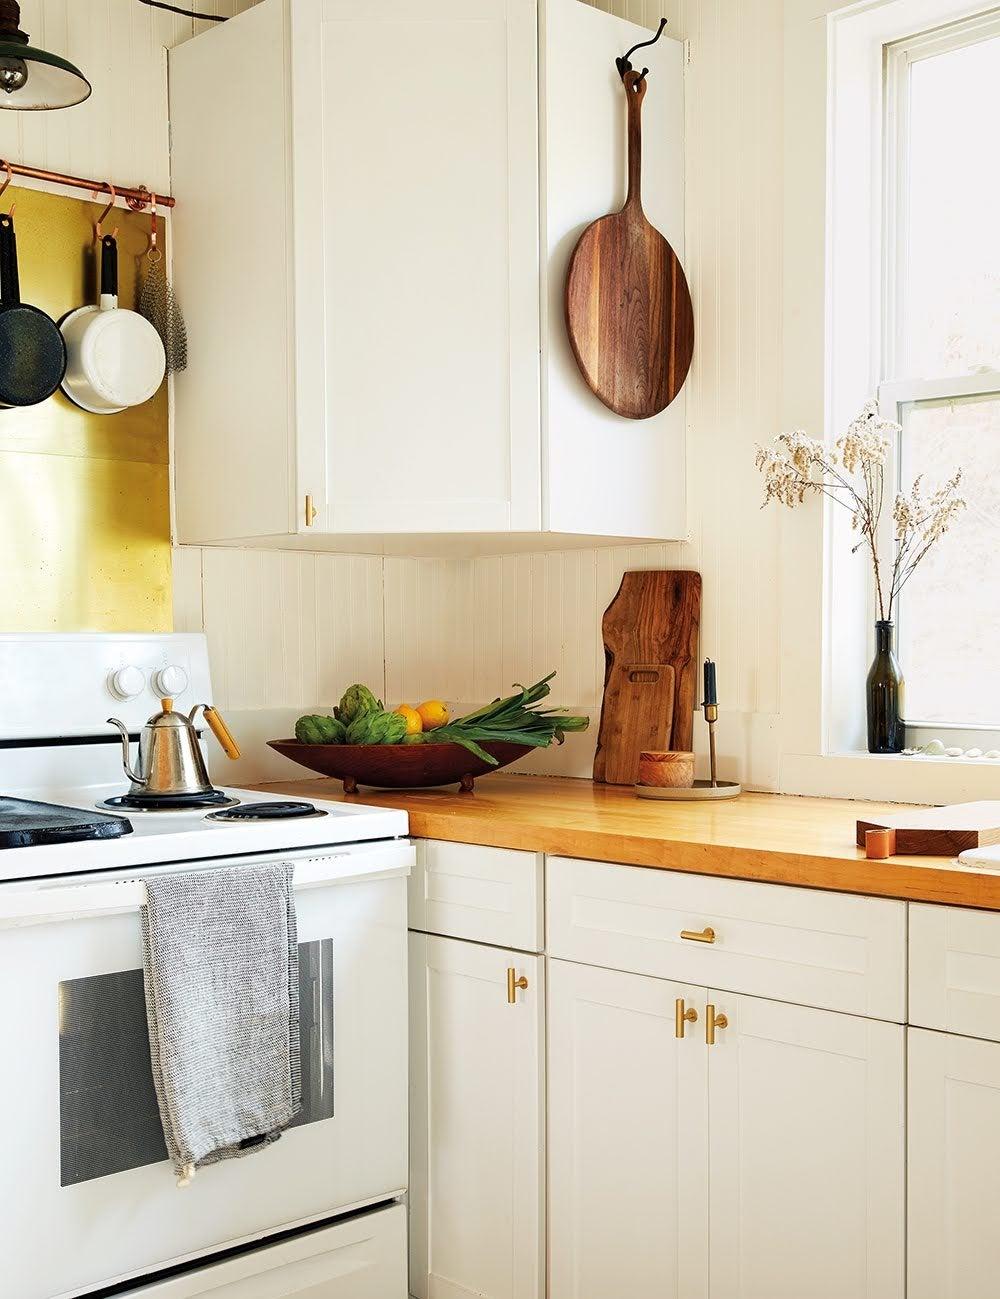 kitchen_photo_by_AddieJuell